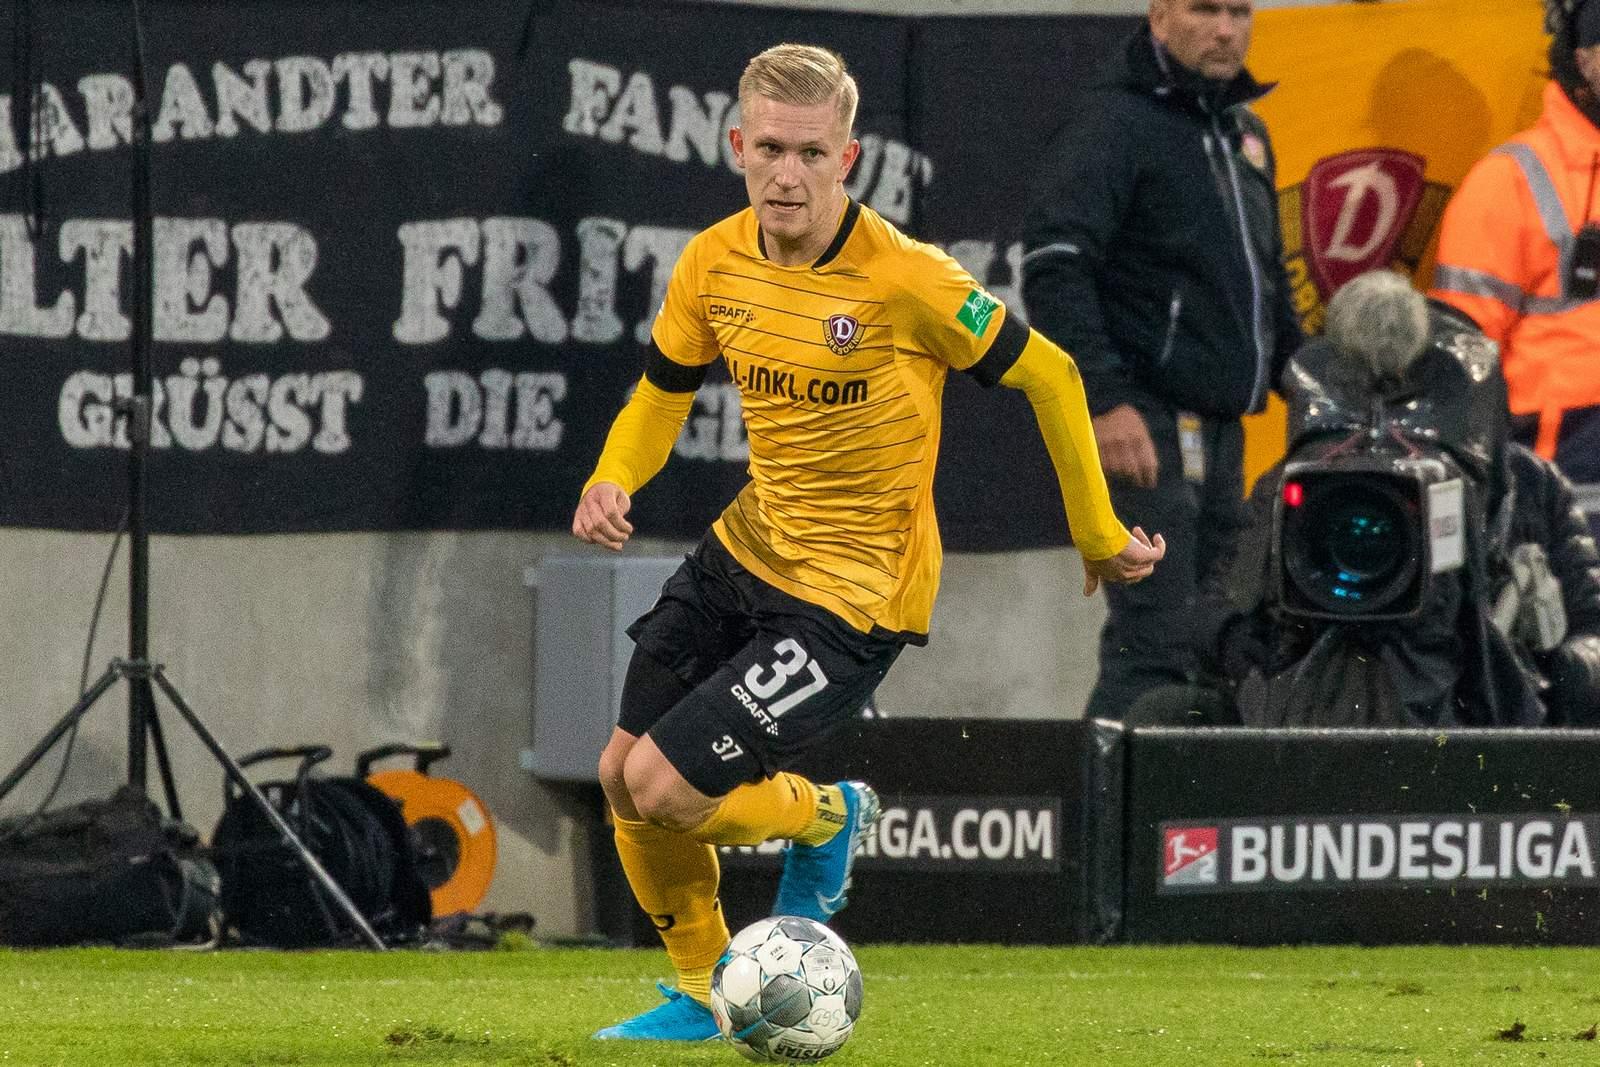 Luka Stor von Dynamo Dresden